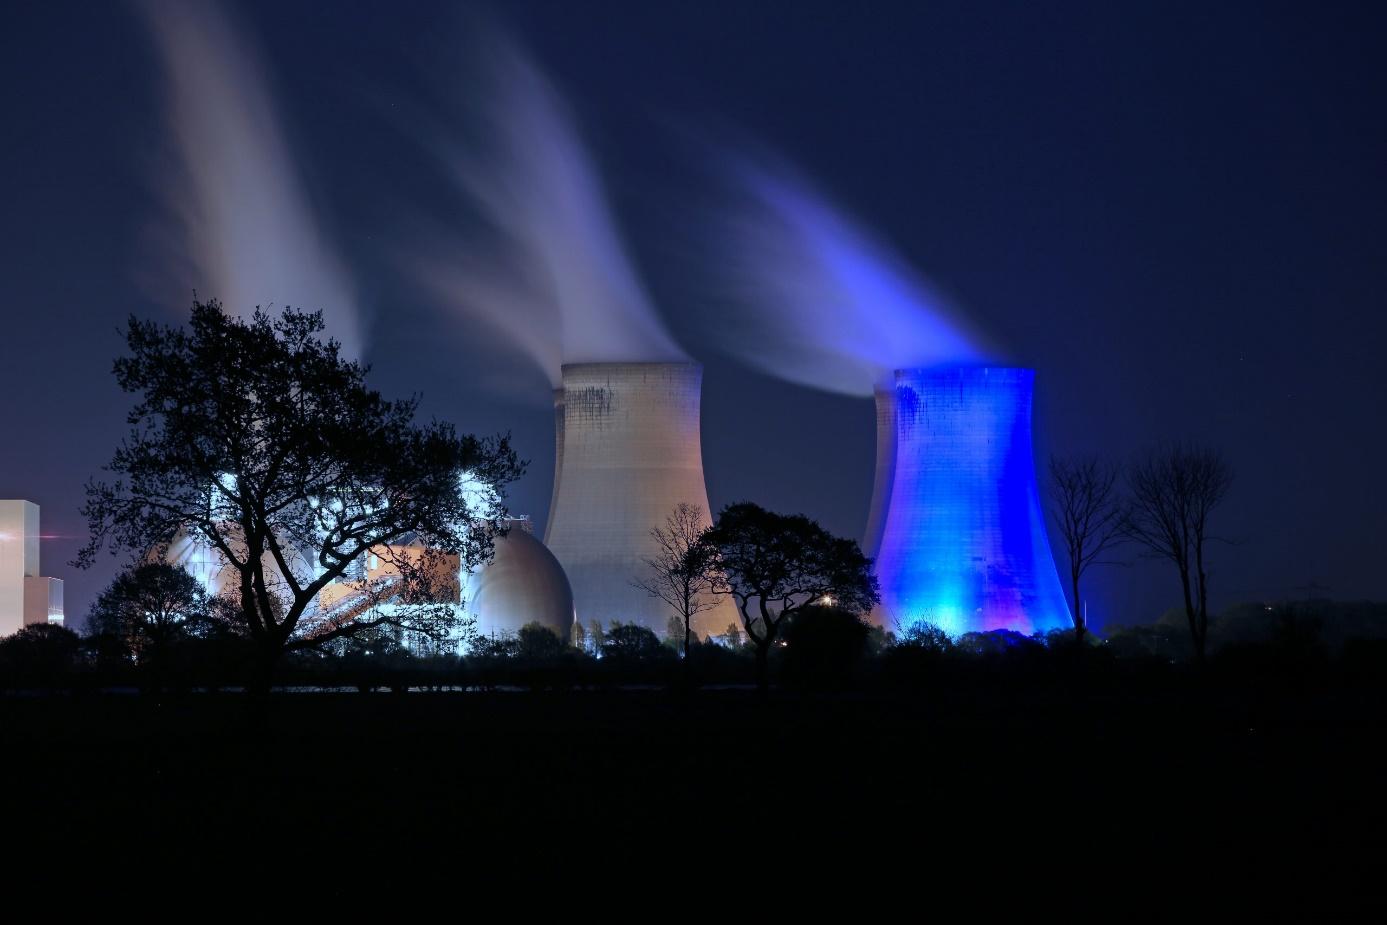 Německo se chystá vydat cestou spalování biomasy, jako se provozuje v elektrárně Drax (Kredit: Drax).